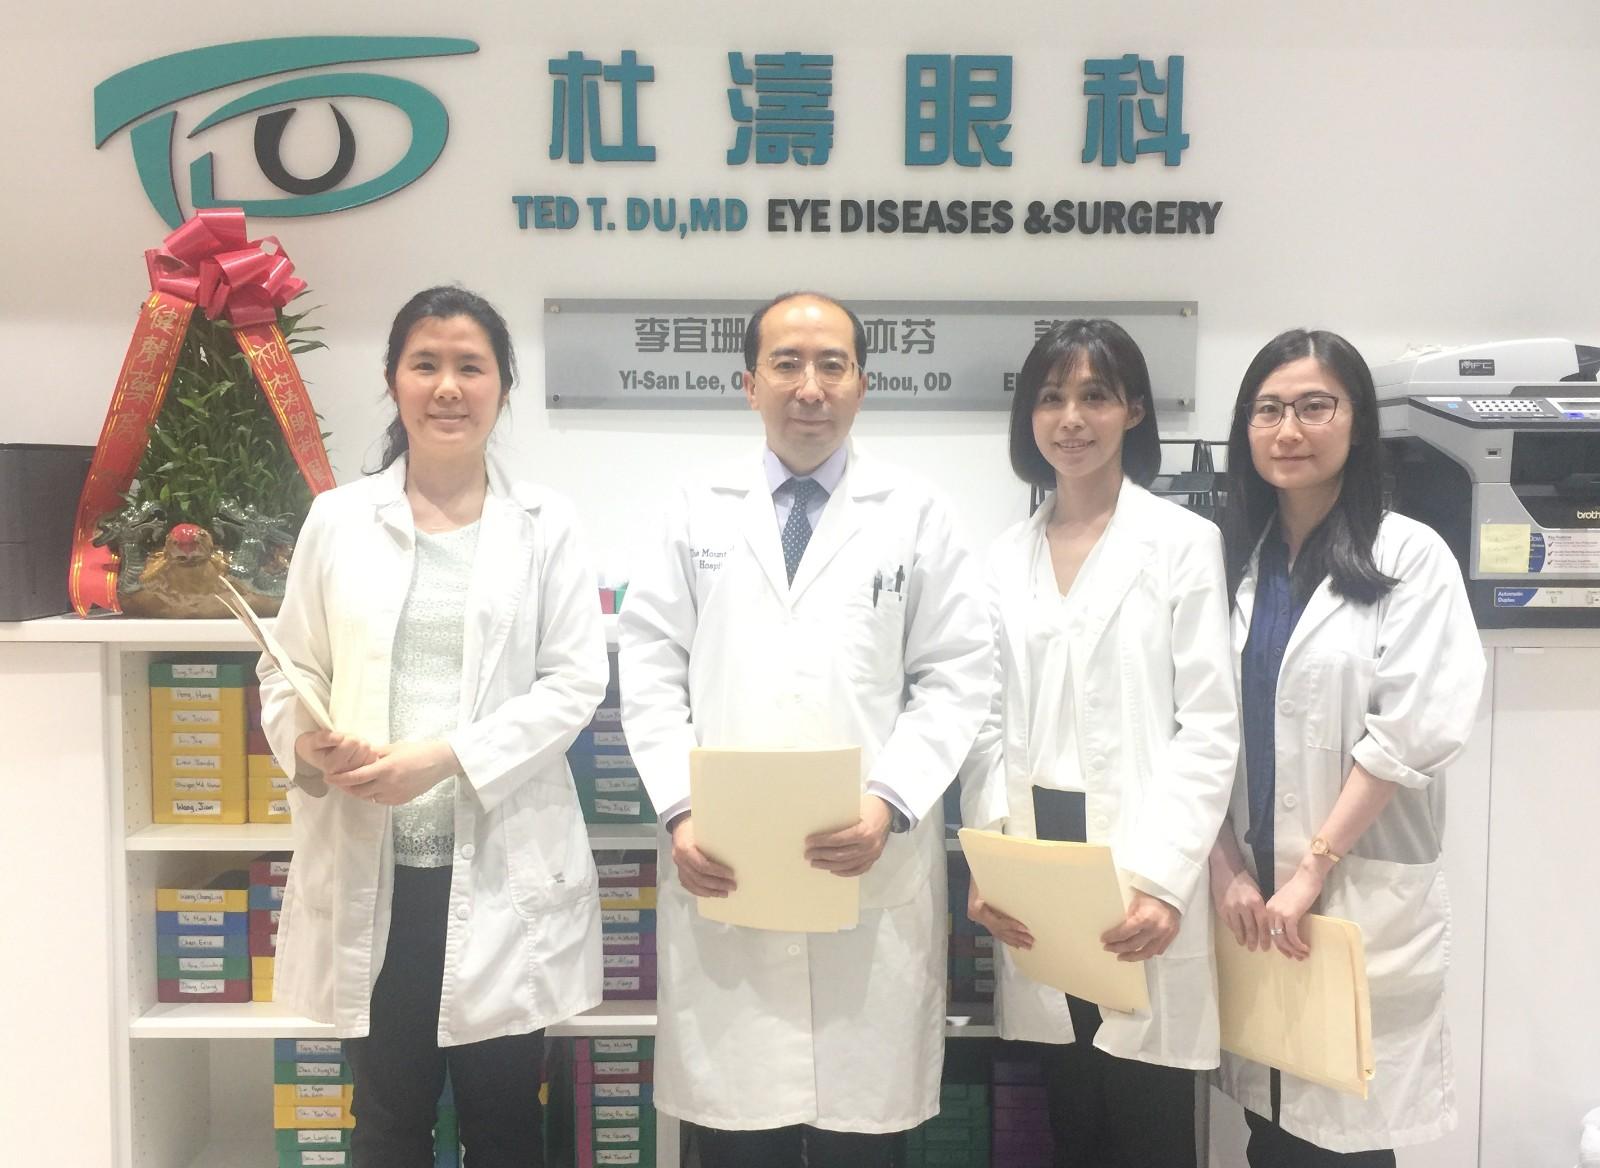 杜涛眼科乔迁法拉盛广场,专精成人儿童眼科疾病